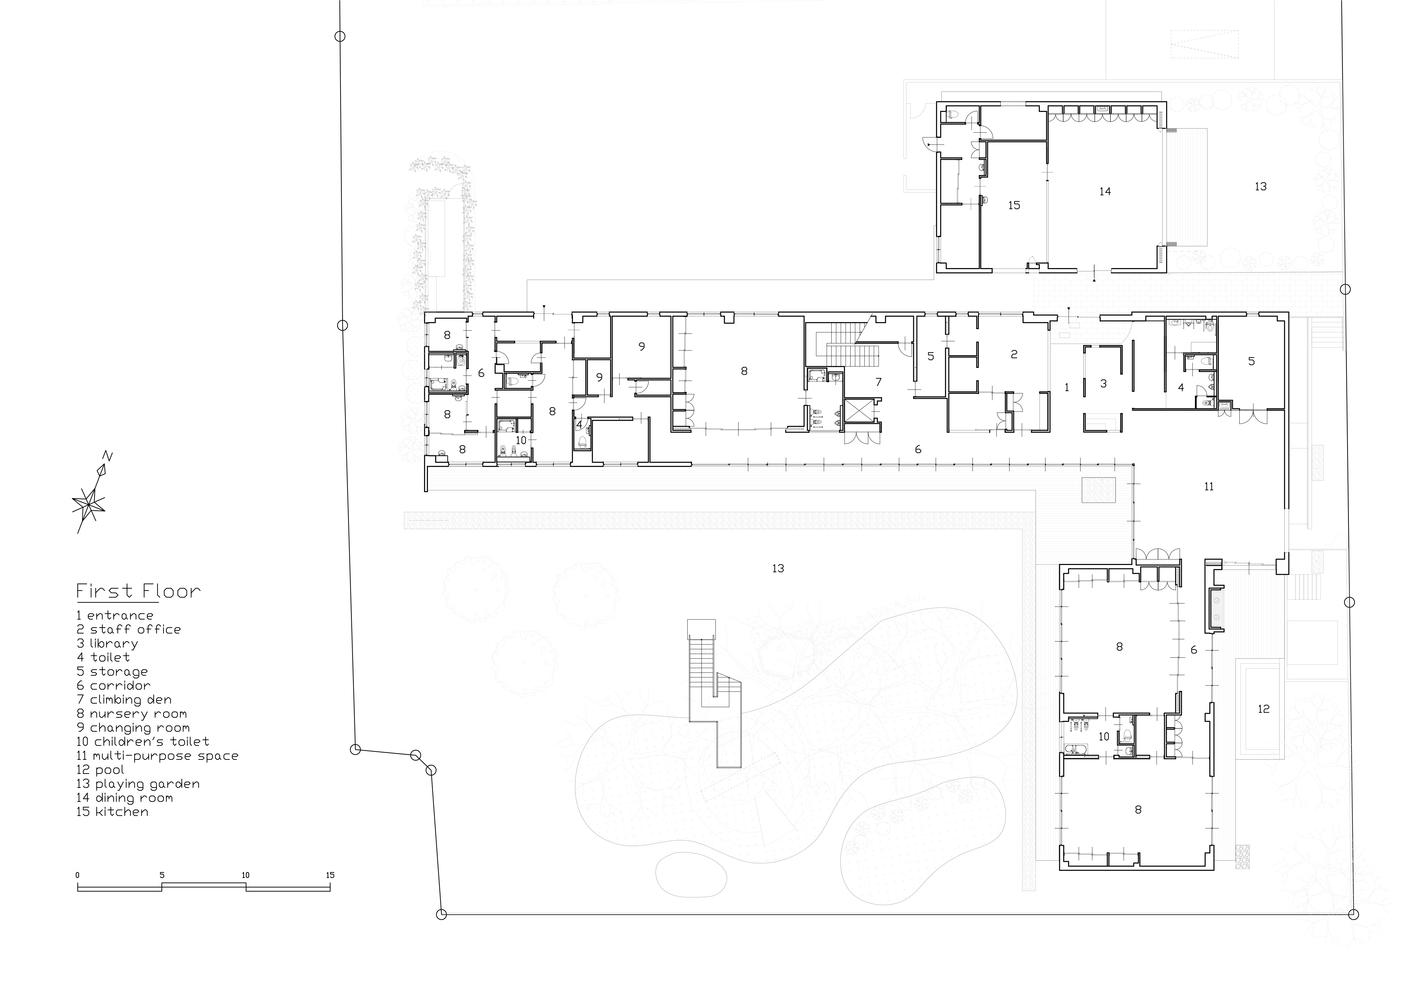 Hình ảnh bản vẽ thiết kế mặt bằng tầng 1